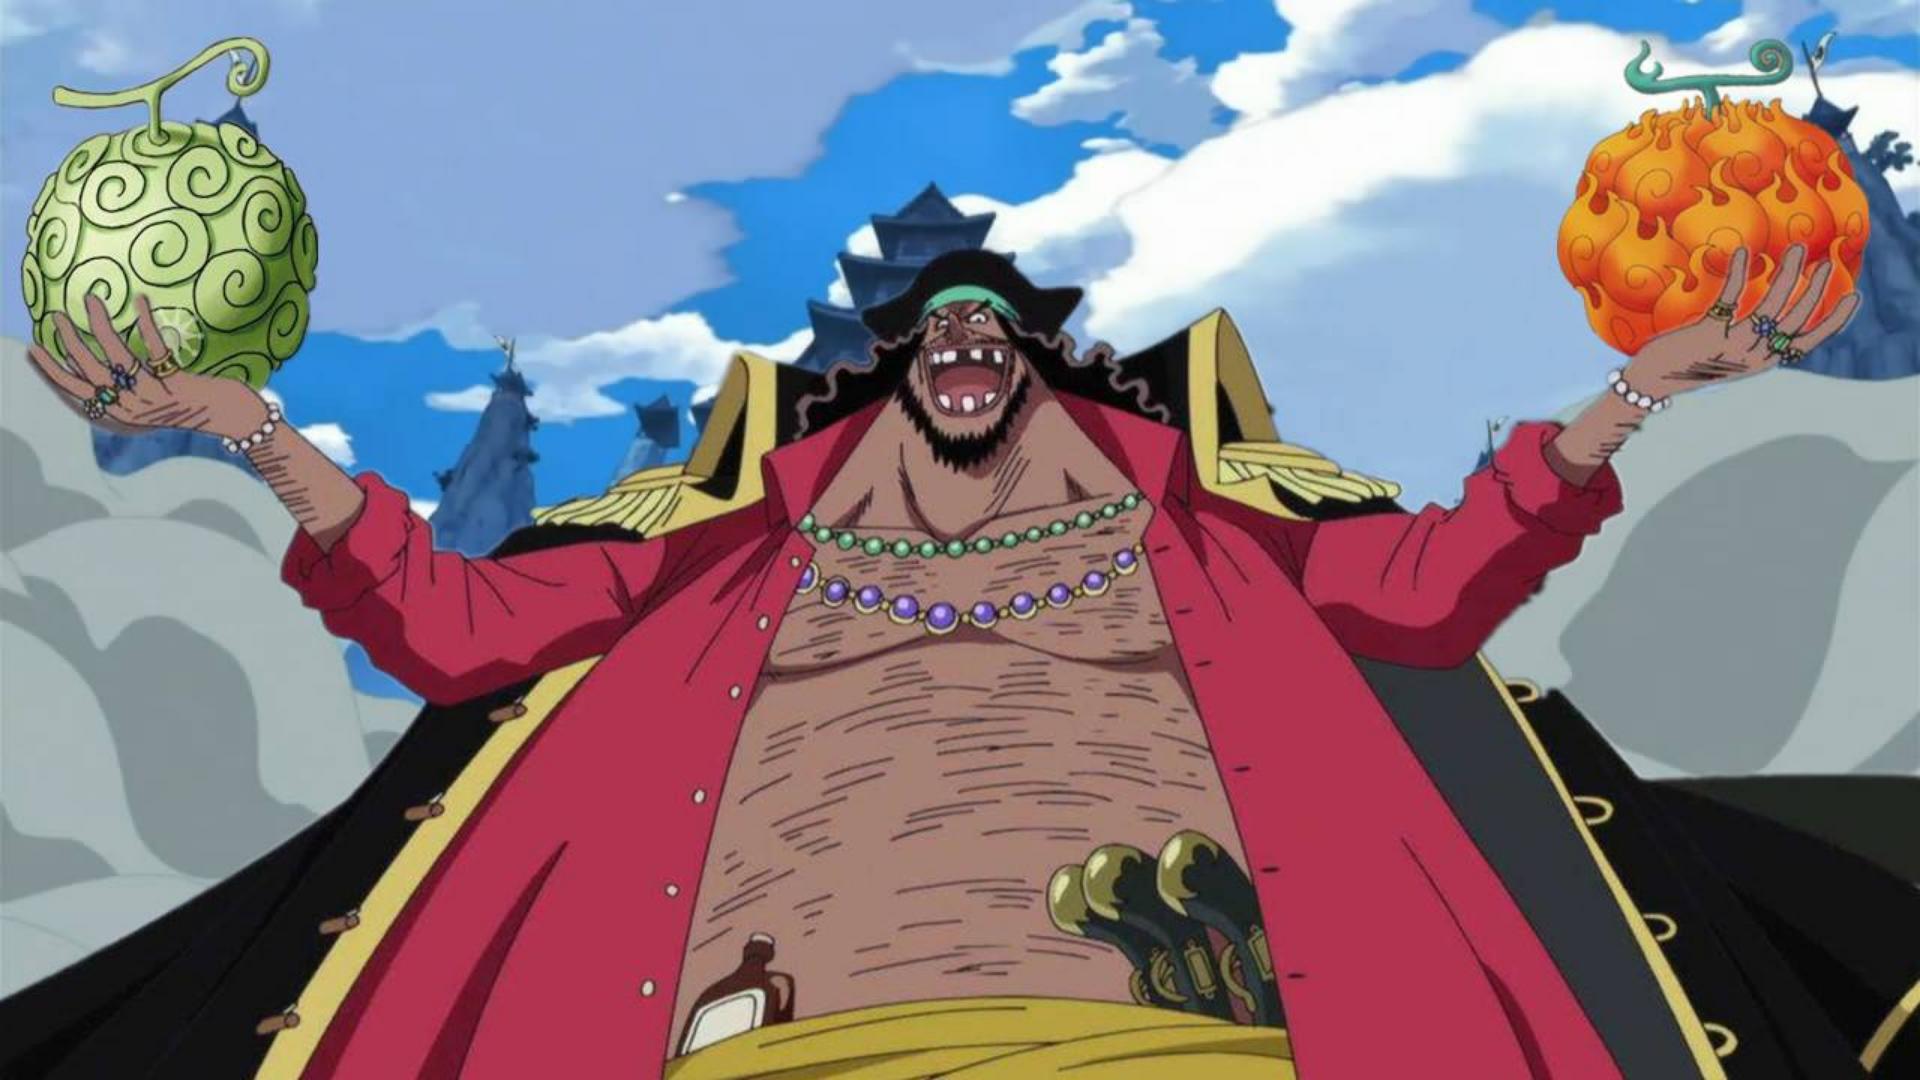 黑胡子即将获得第三个恶魔果实能力!猜测海贼王接下来的剧情